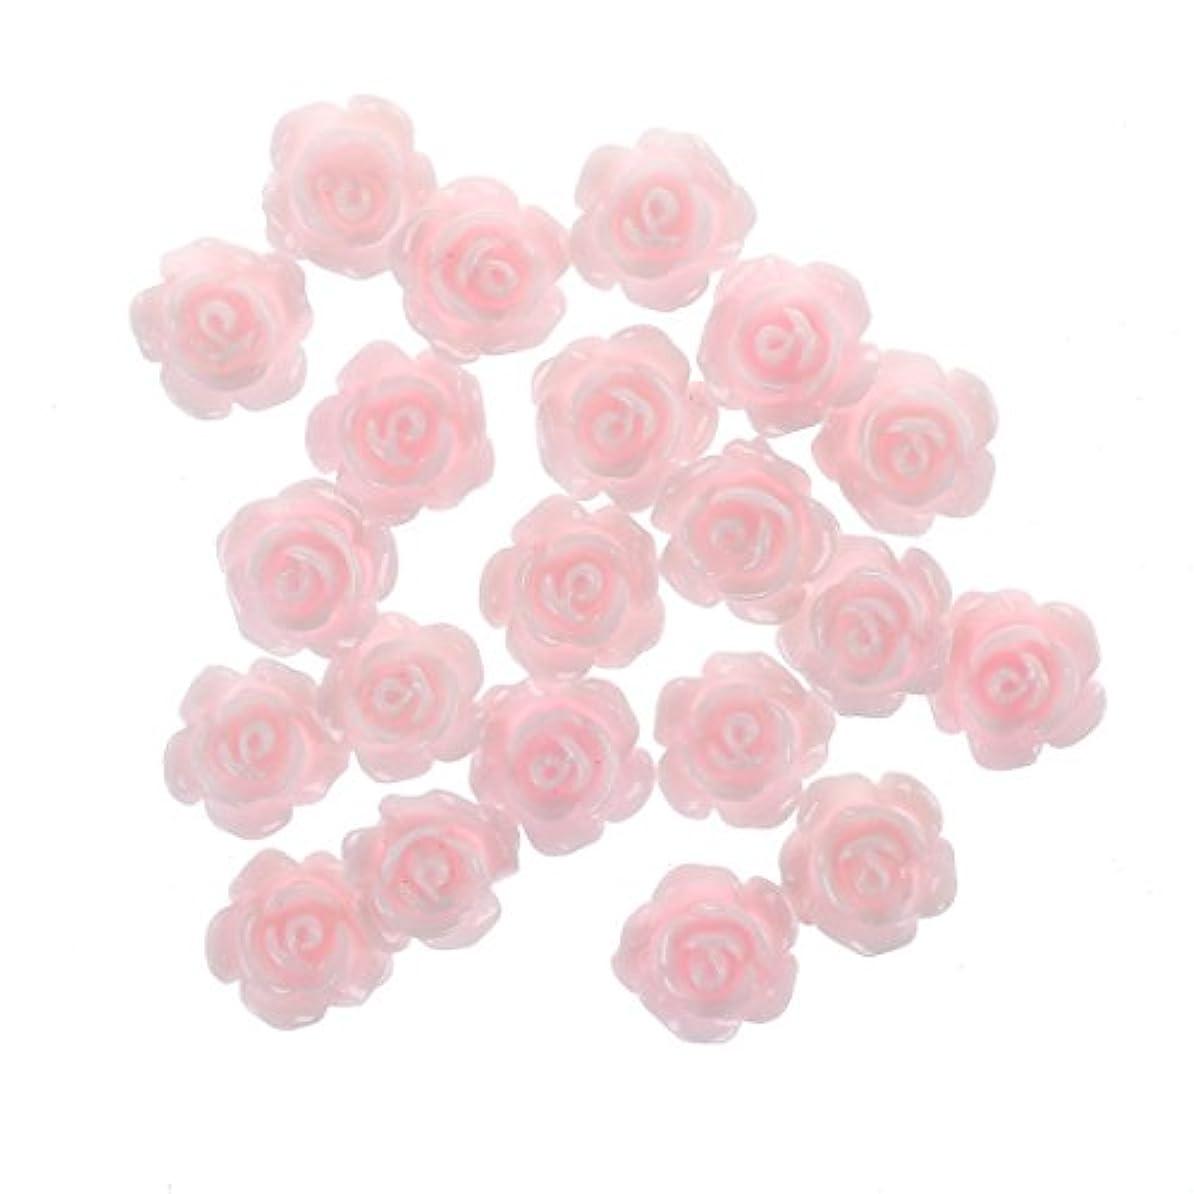 文言フィドルティッシュネイルアート,SODIAL(R)20x3Dピンクの小さいバラ ラインストーン付きネイルアート装飾